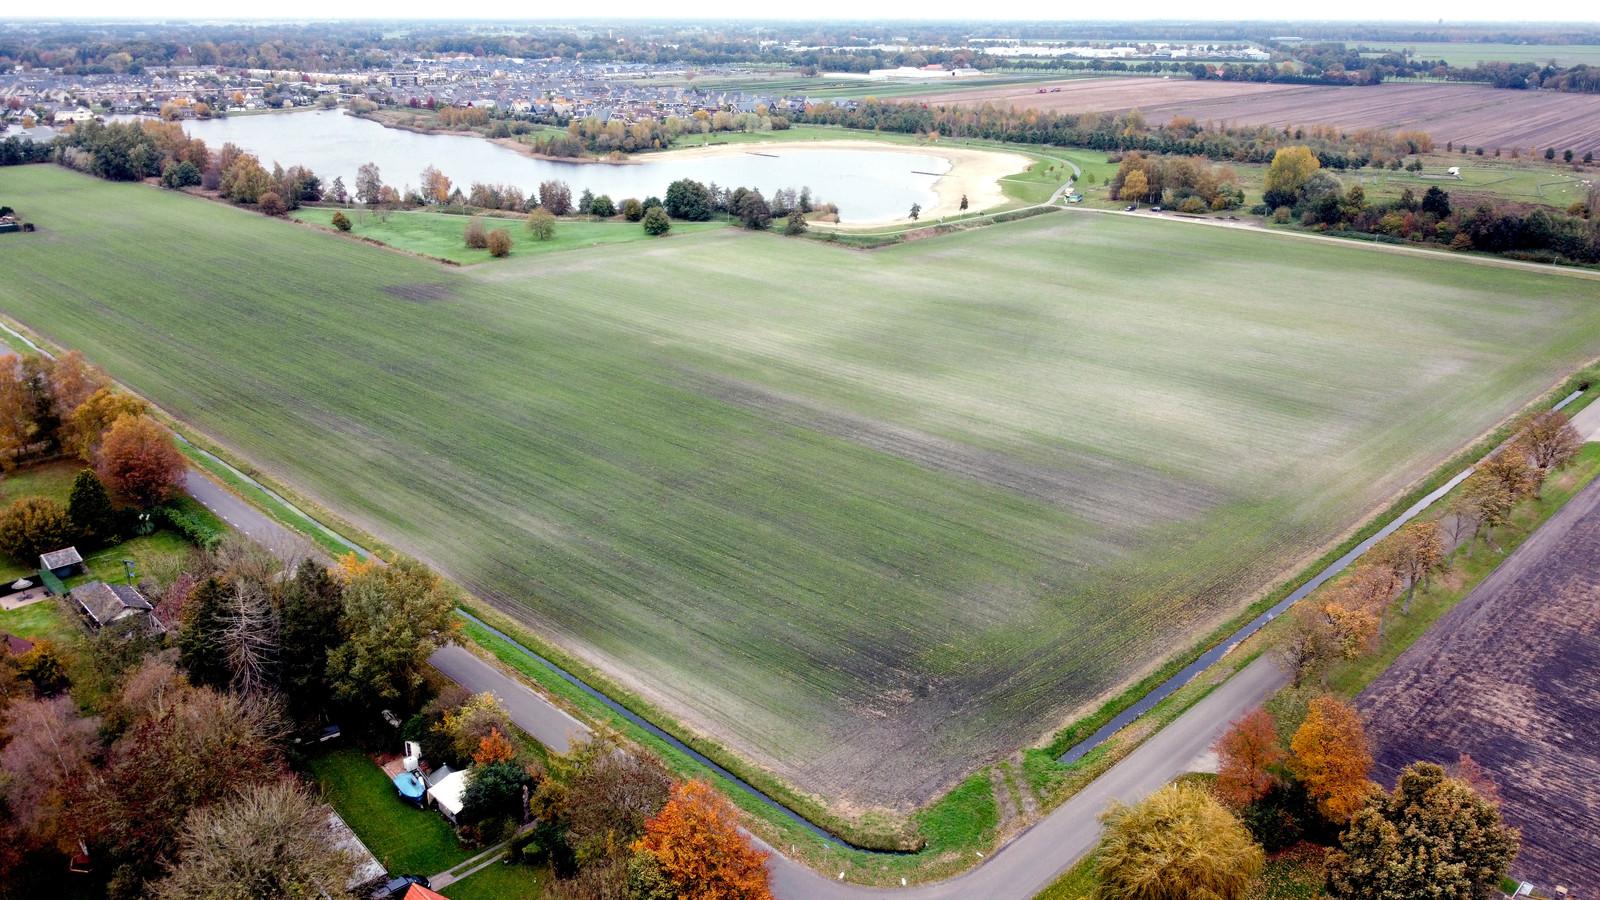 De voetbalclubs uit Dedemsvaart willen samen met de korfbalvereniging sportpark De Boekweit verplaatsen naar dit groene terrein ten zuiden van natuur- en recreatiegebied de Kotermeerstal.